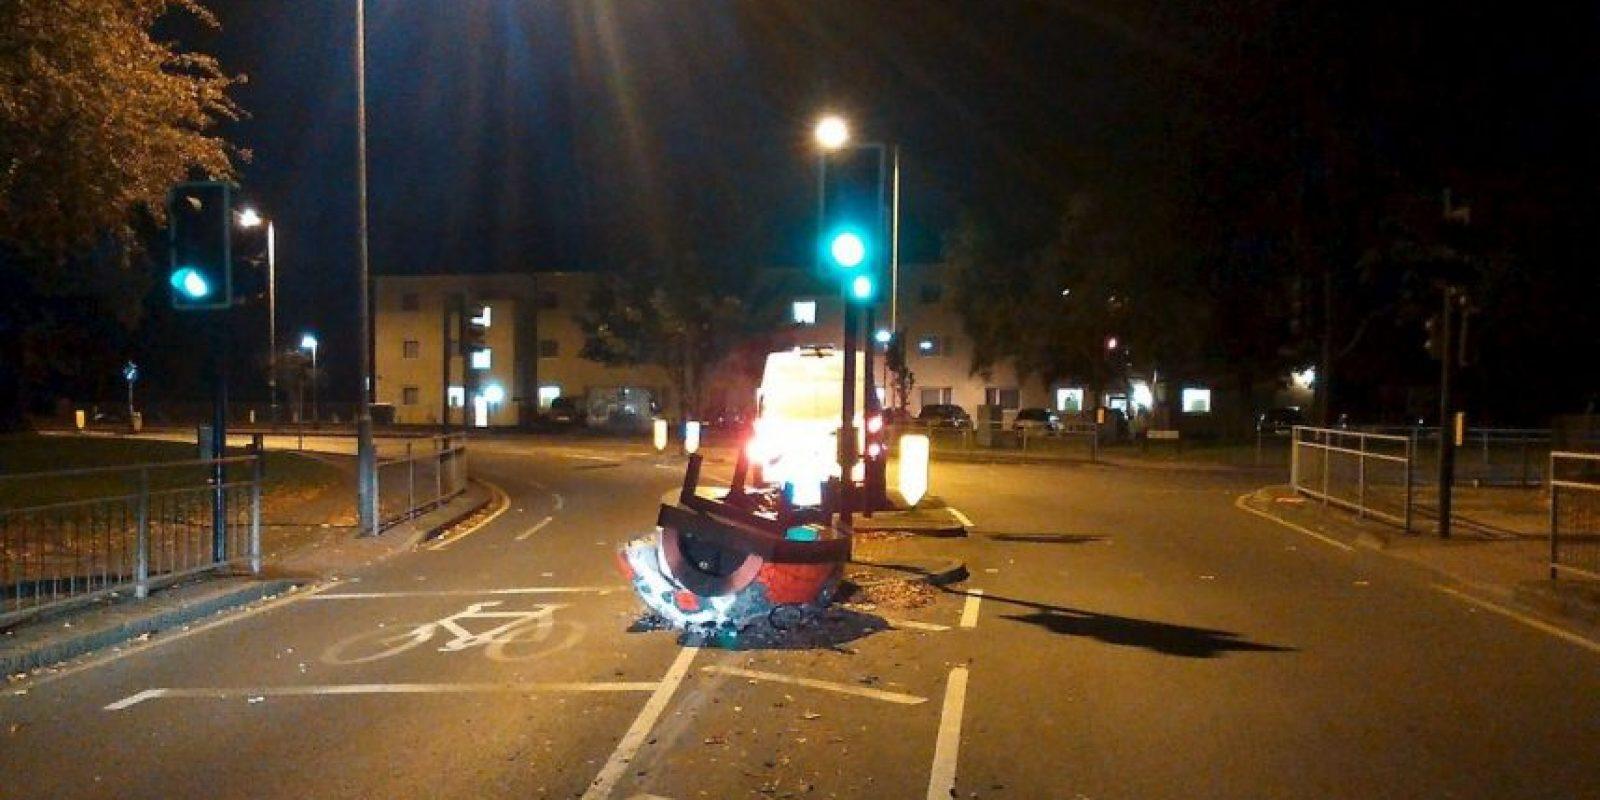 Esto fue lo que vieron las autoridades al llegar a la zona Foto:Facebook.com/KingstonPolice